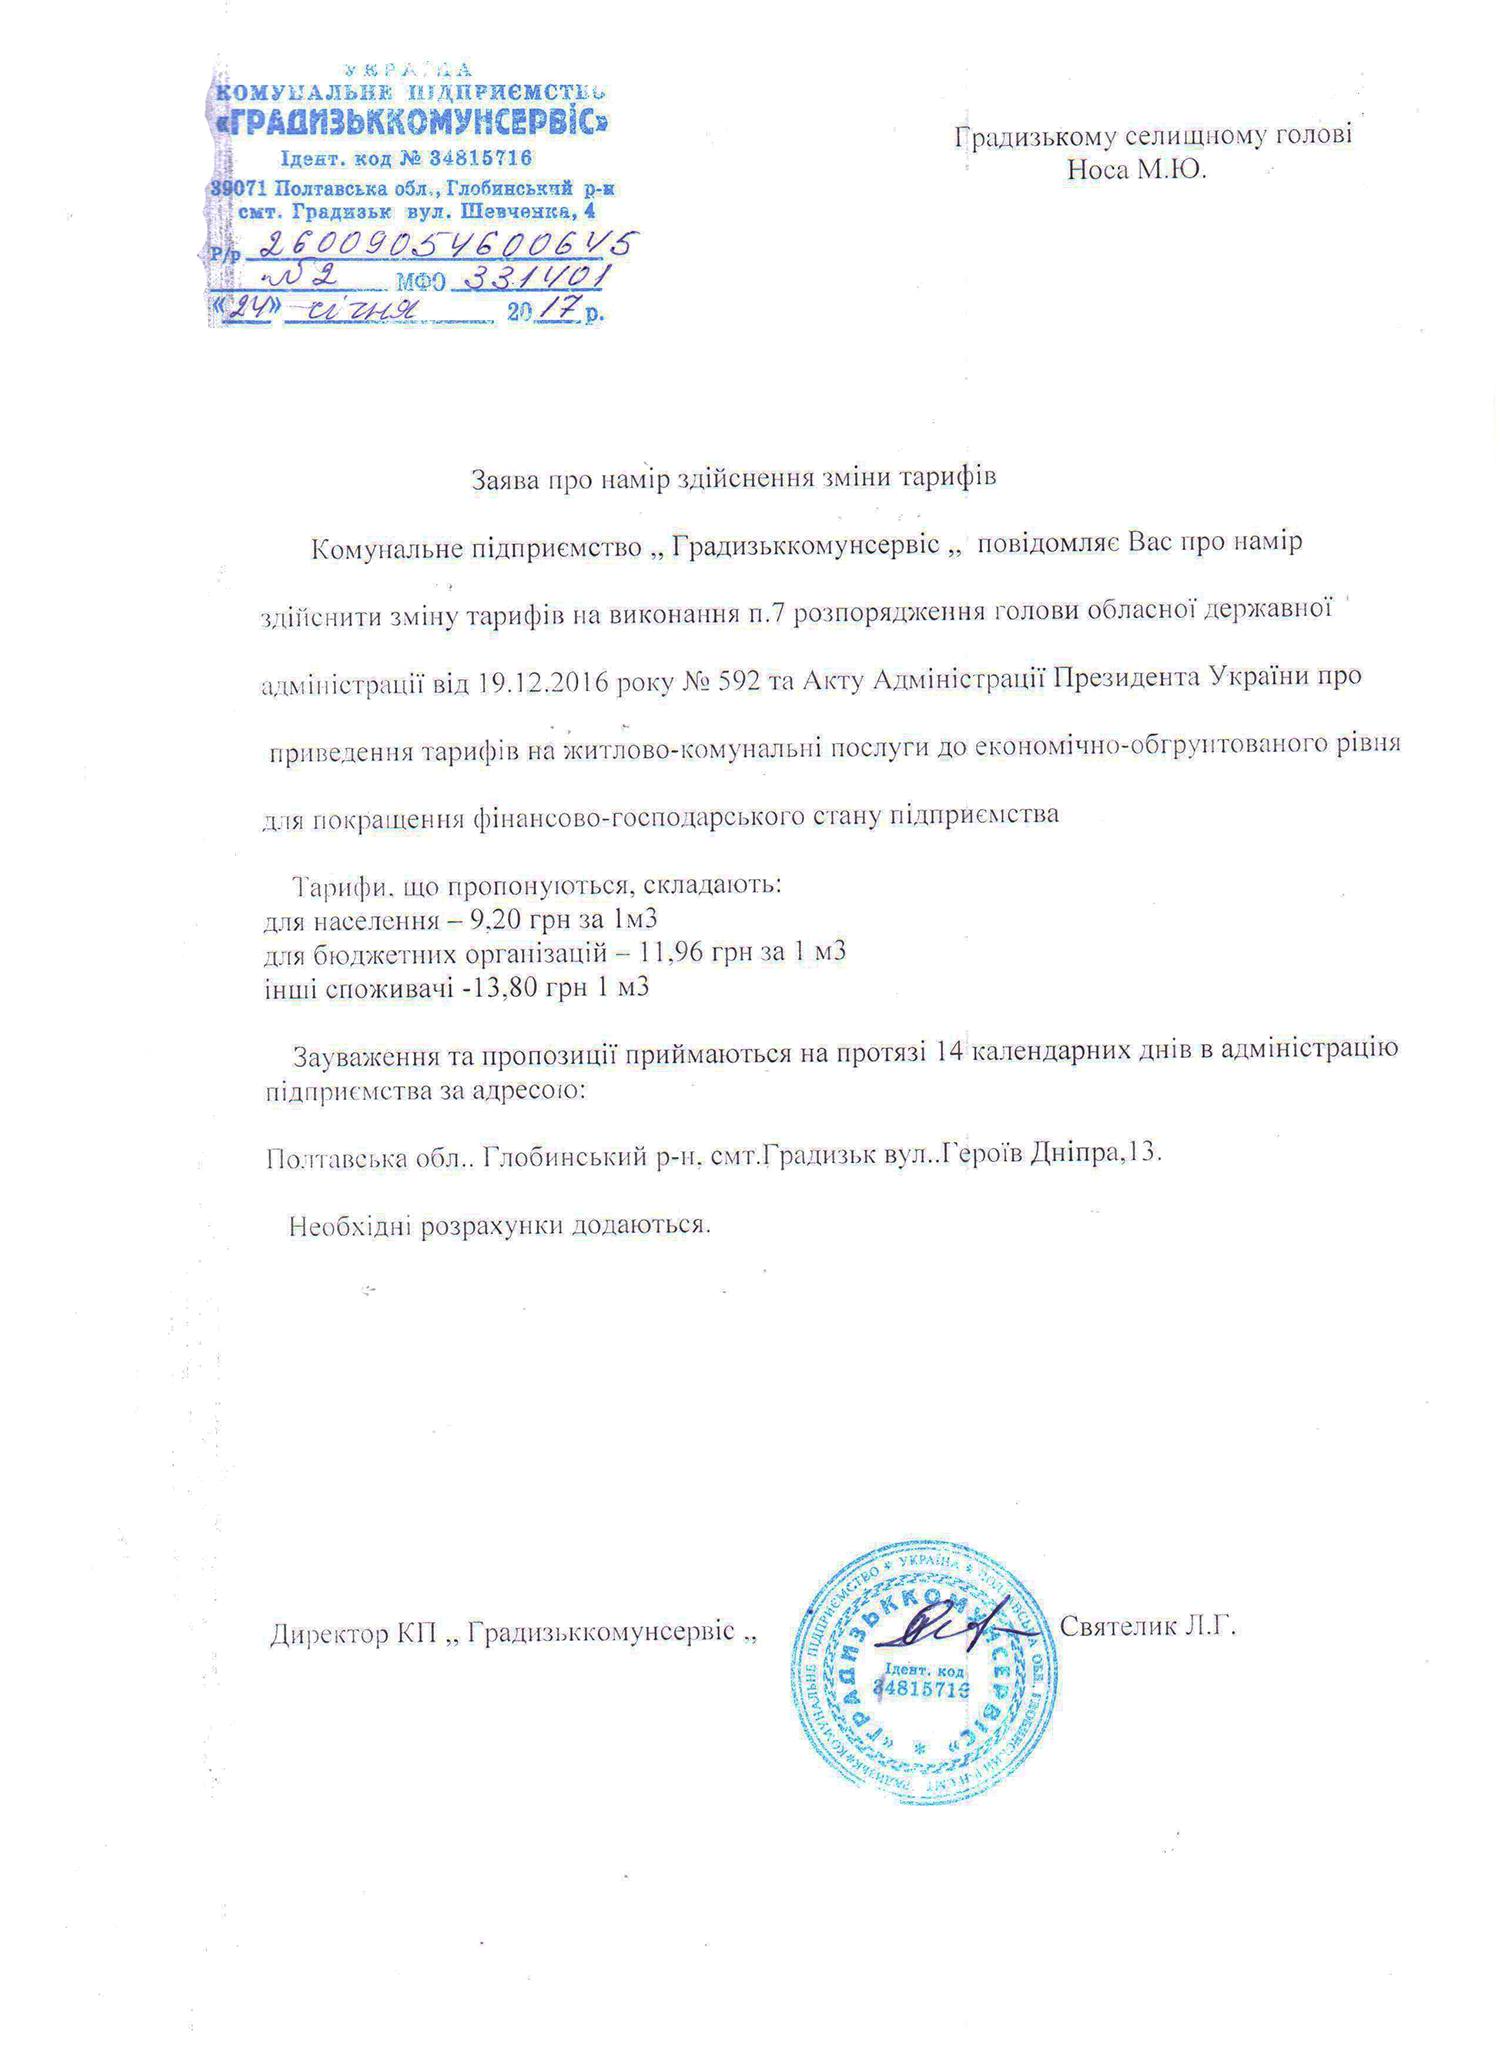 https://gradizka-rada.gov.ua/wp-content/uploads/2017/01/001.jpg